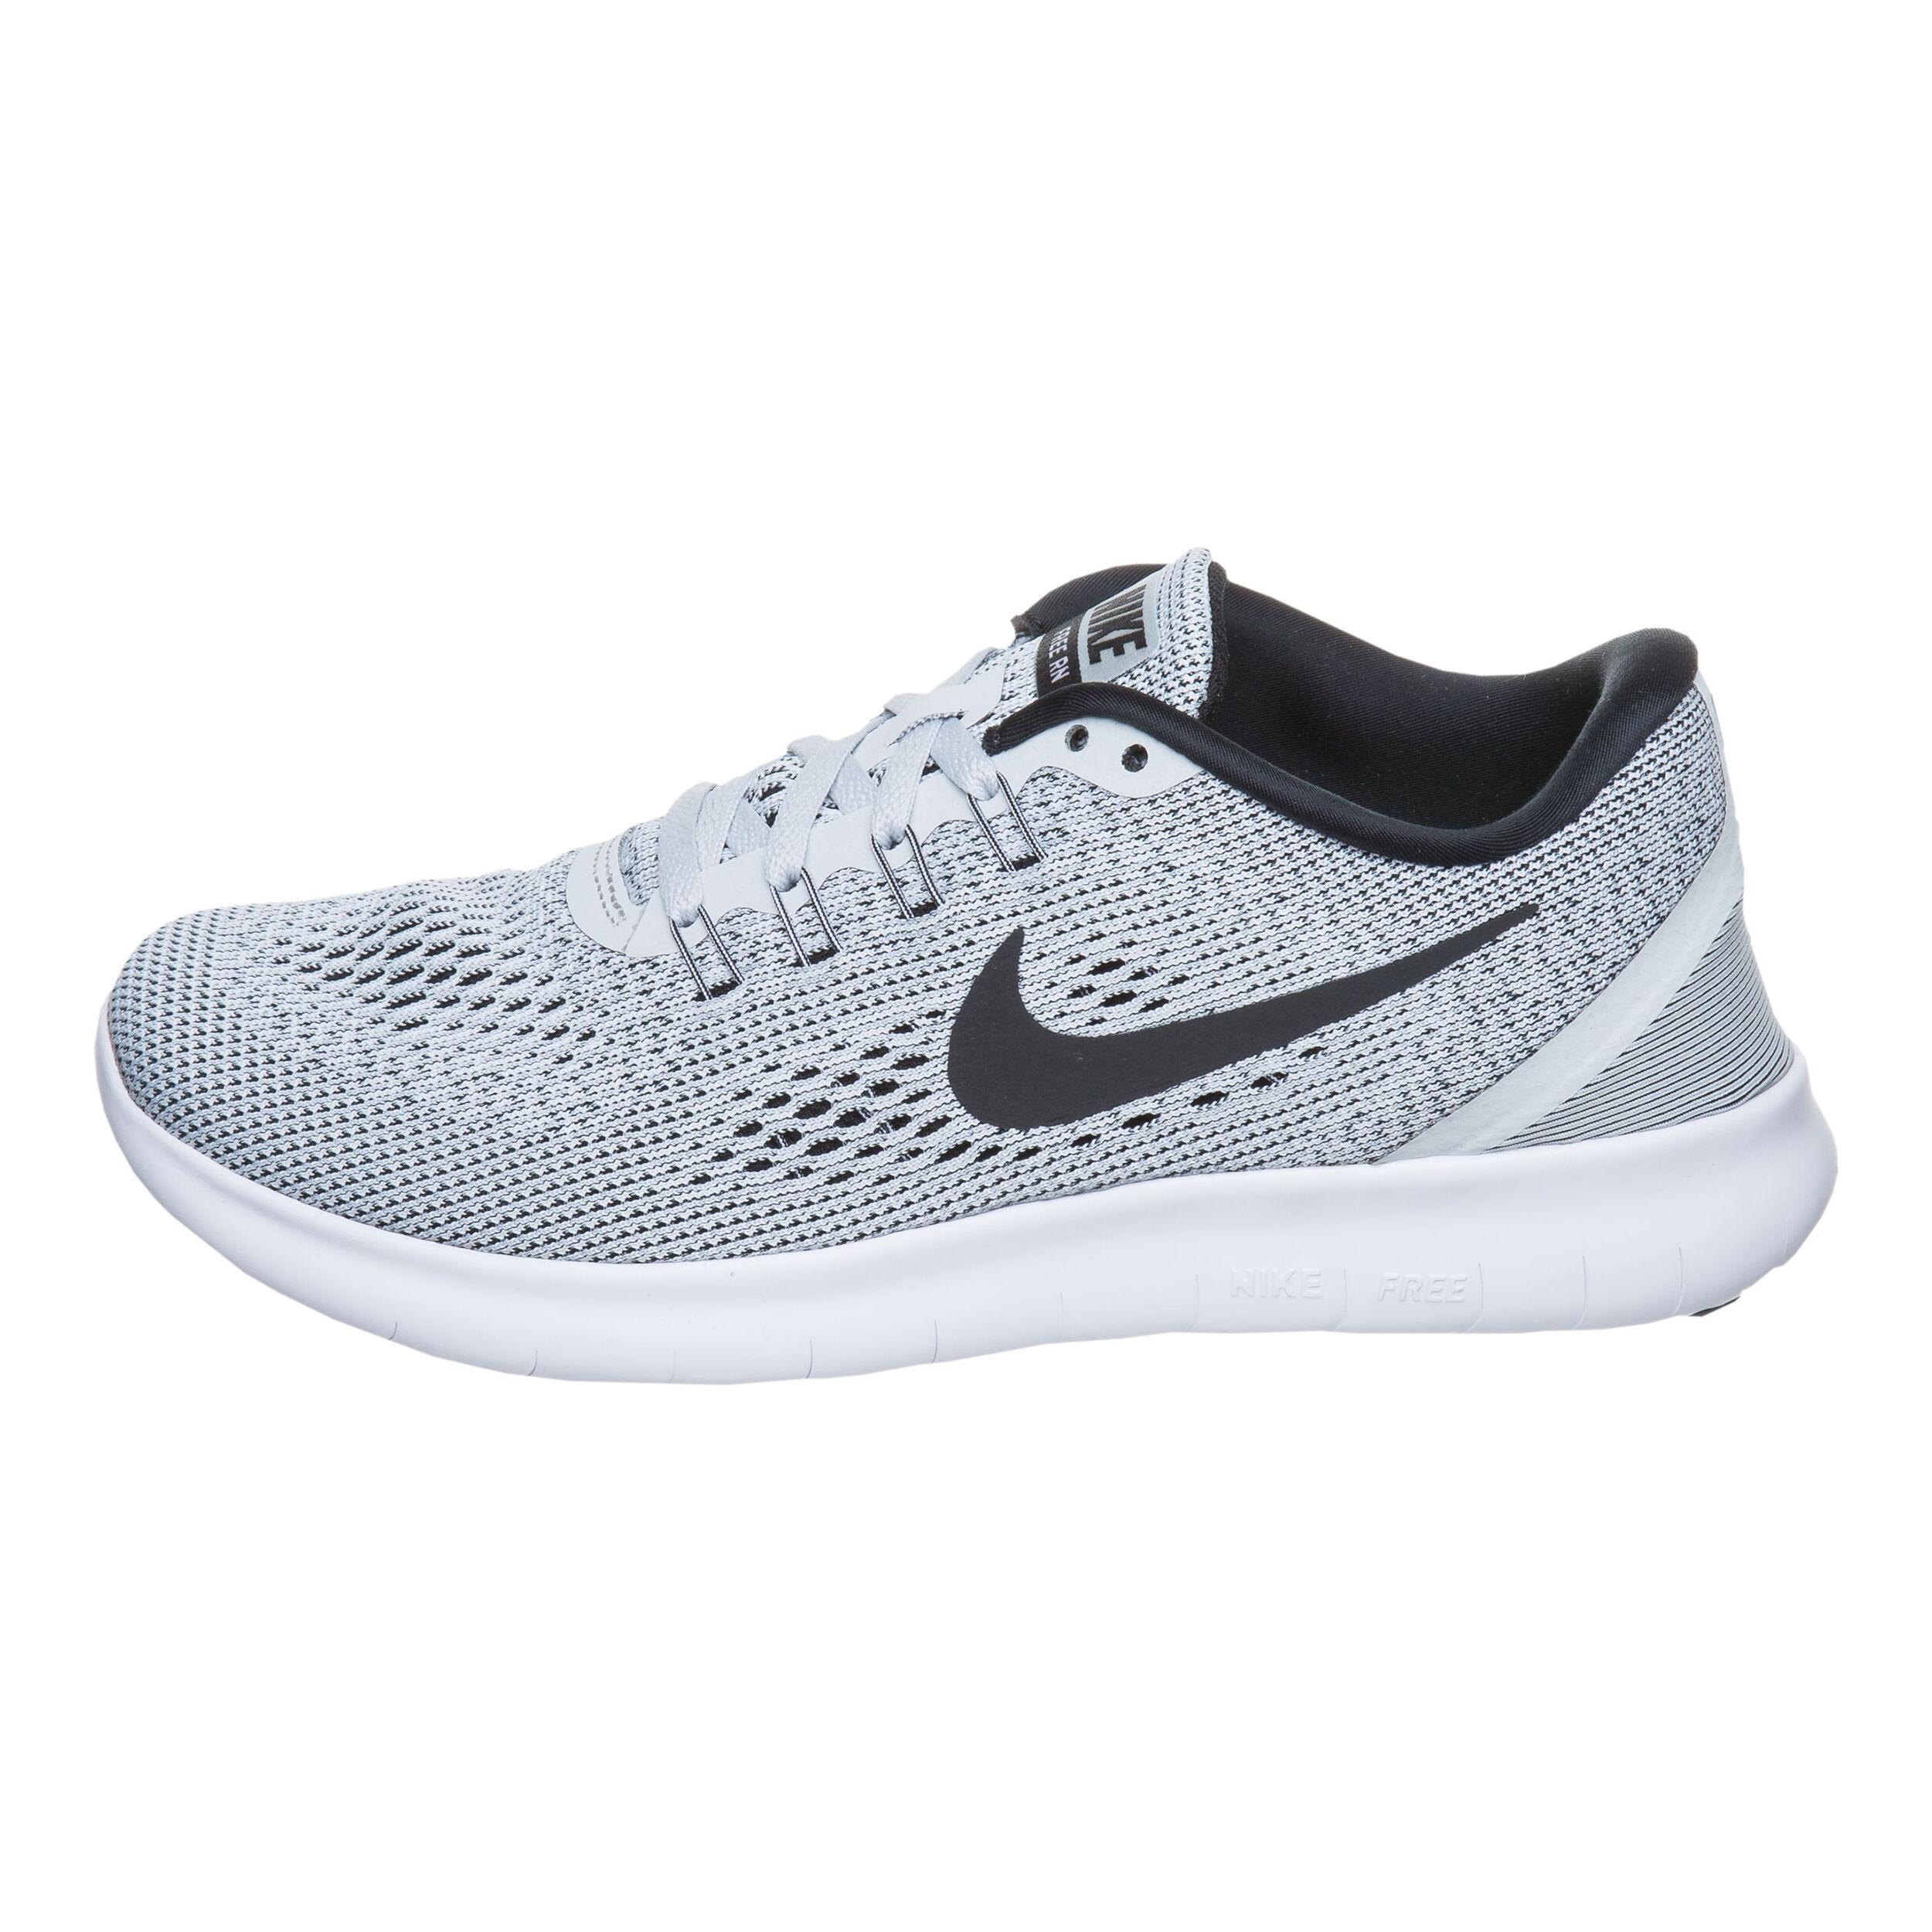 Nike Free RN Natural Running Shoe Women